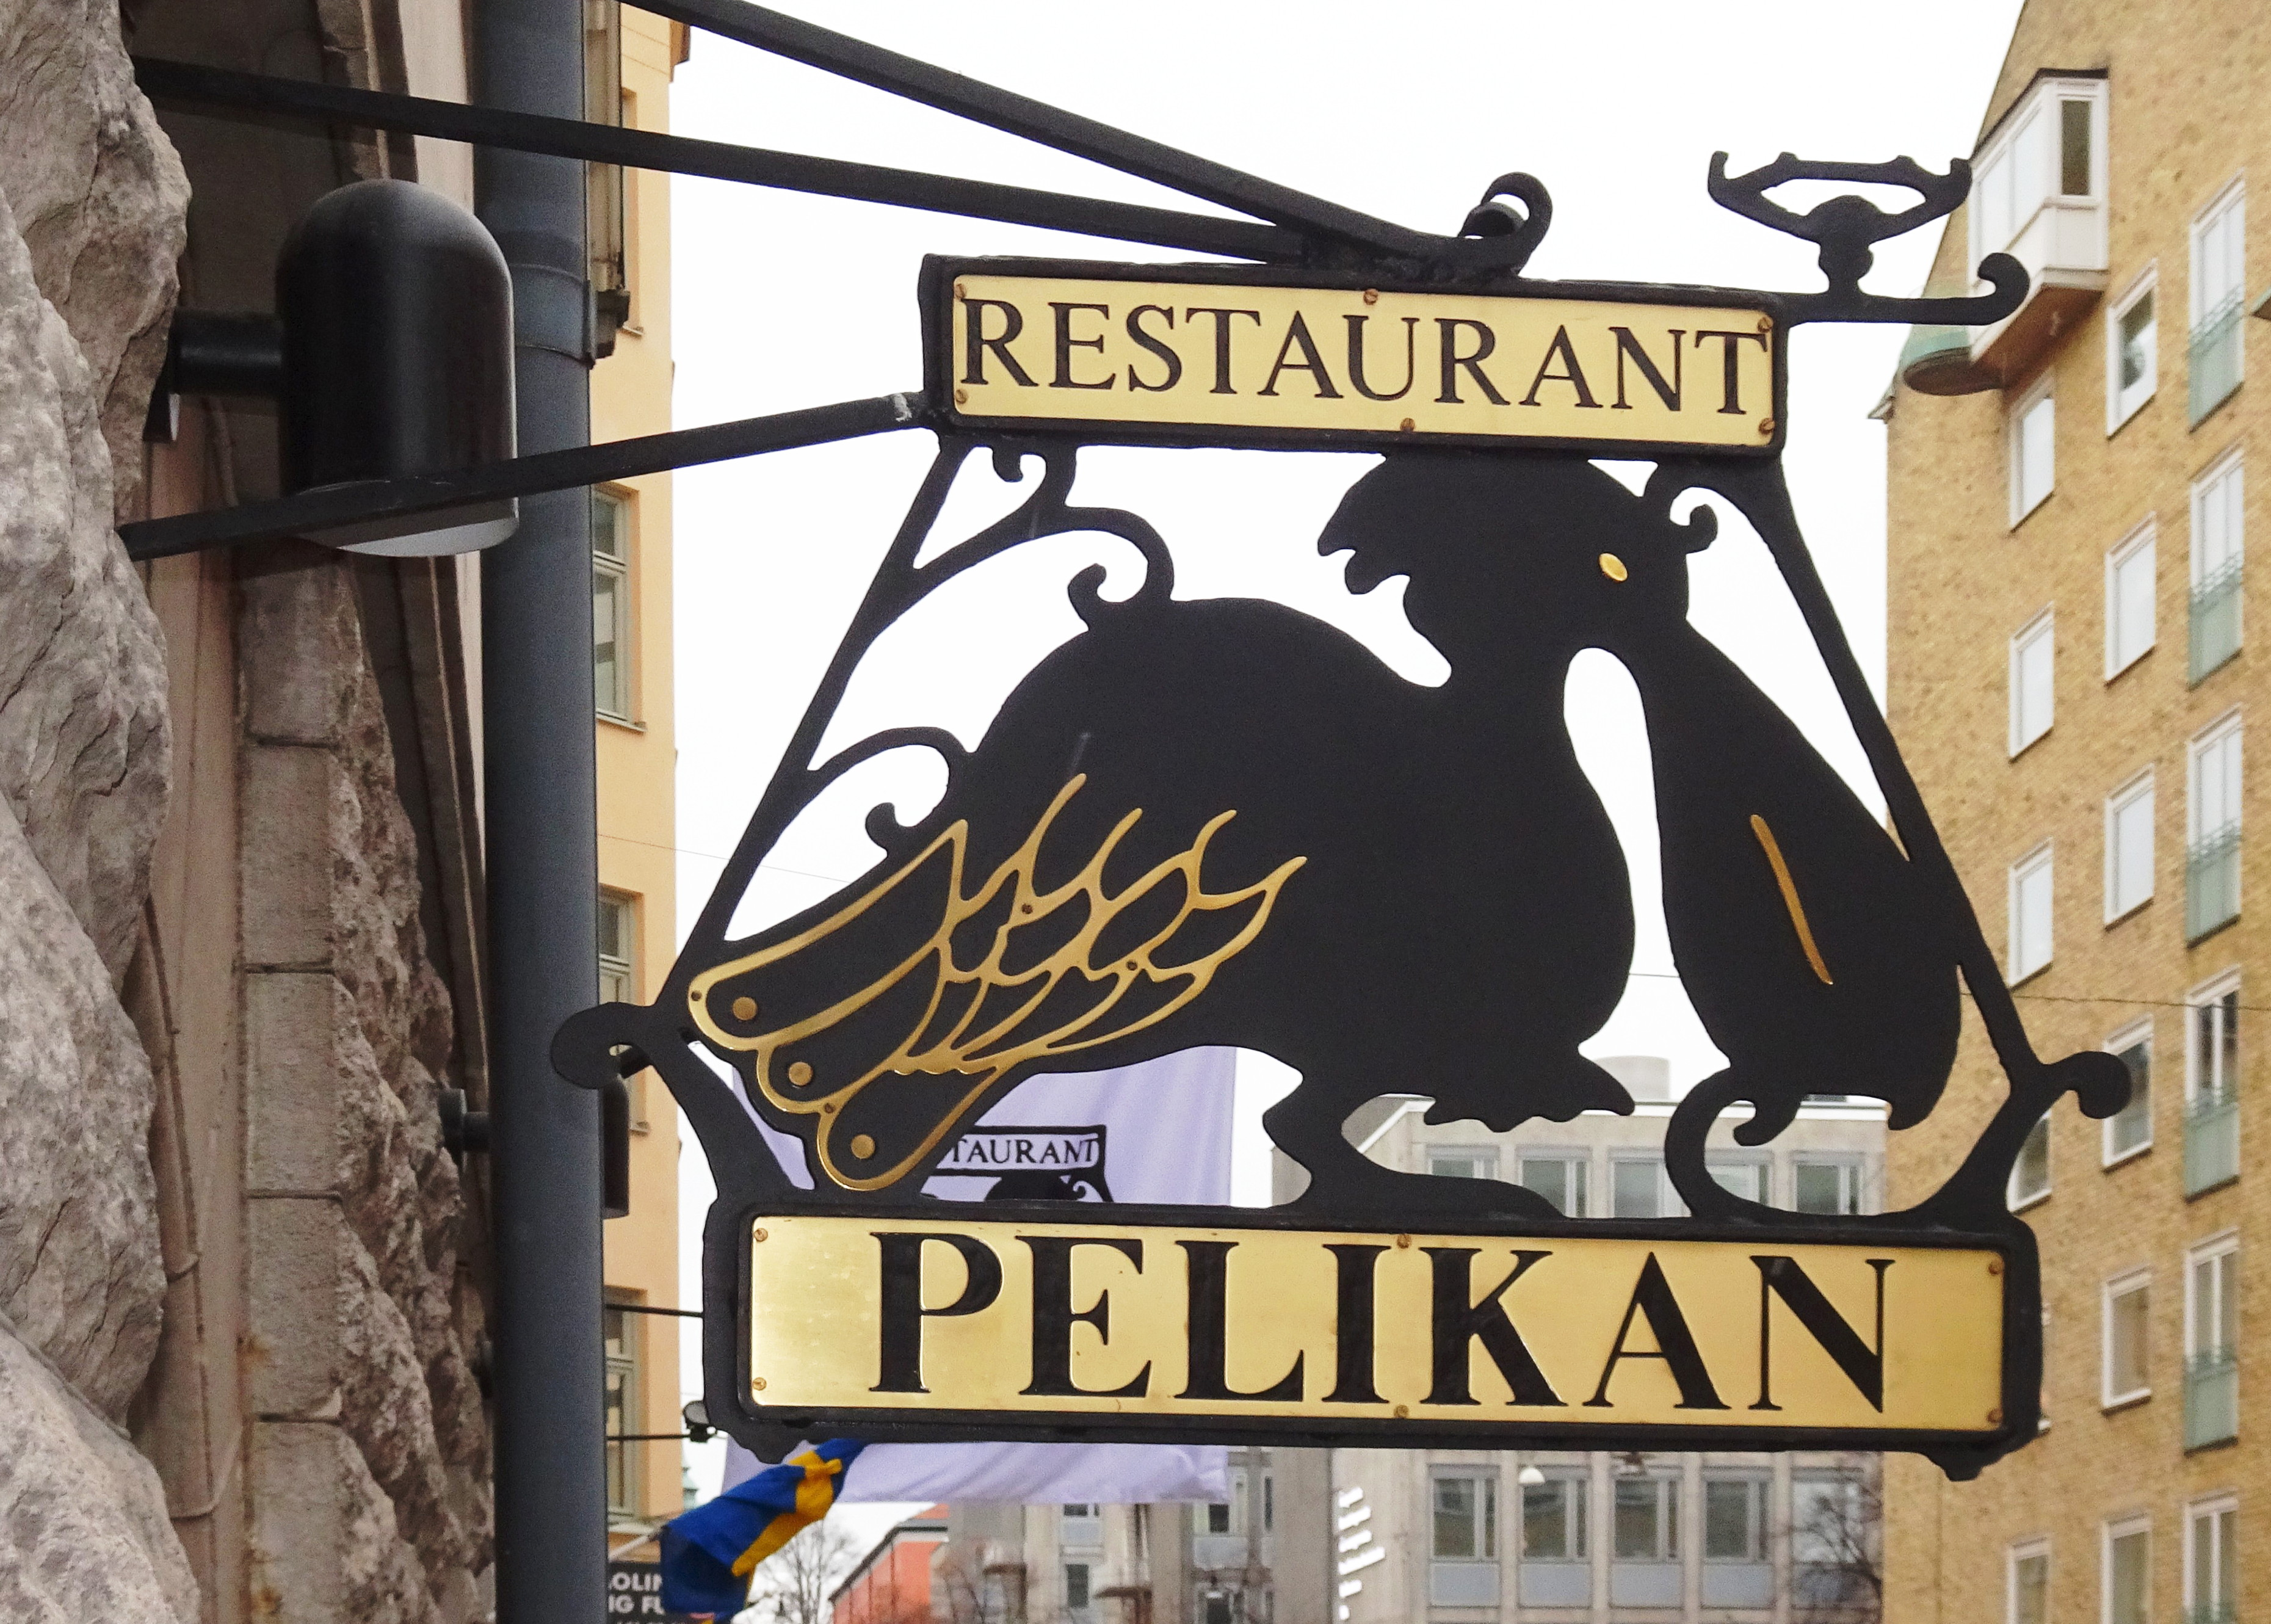 restaurang pelikan södermalm